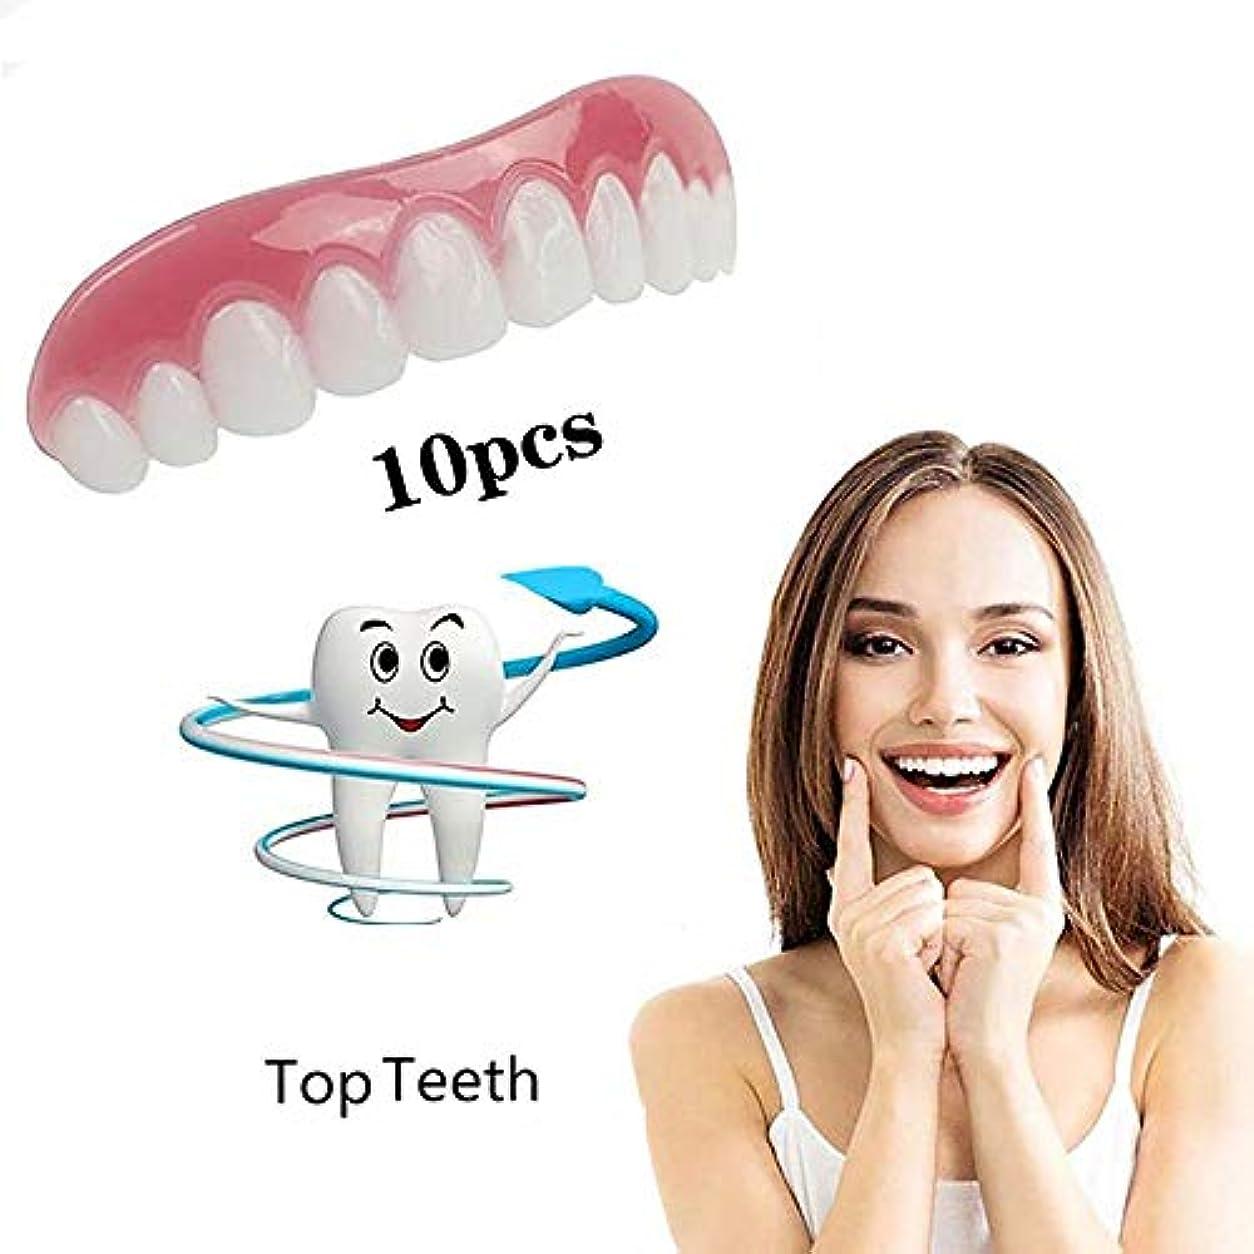 塗抹喉が渇いたメナジェリー10個偽の歯アッパー偽の偽の歯カバースナップオン即時の歯の化粧品義歯のケアオーラルケアシリコーンホワイトニング義歯